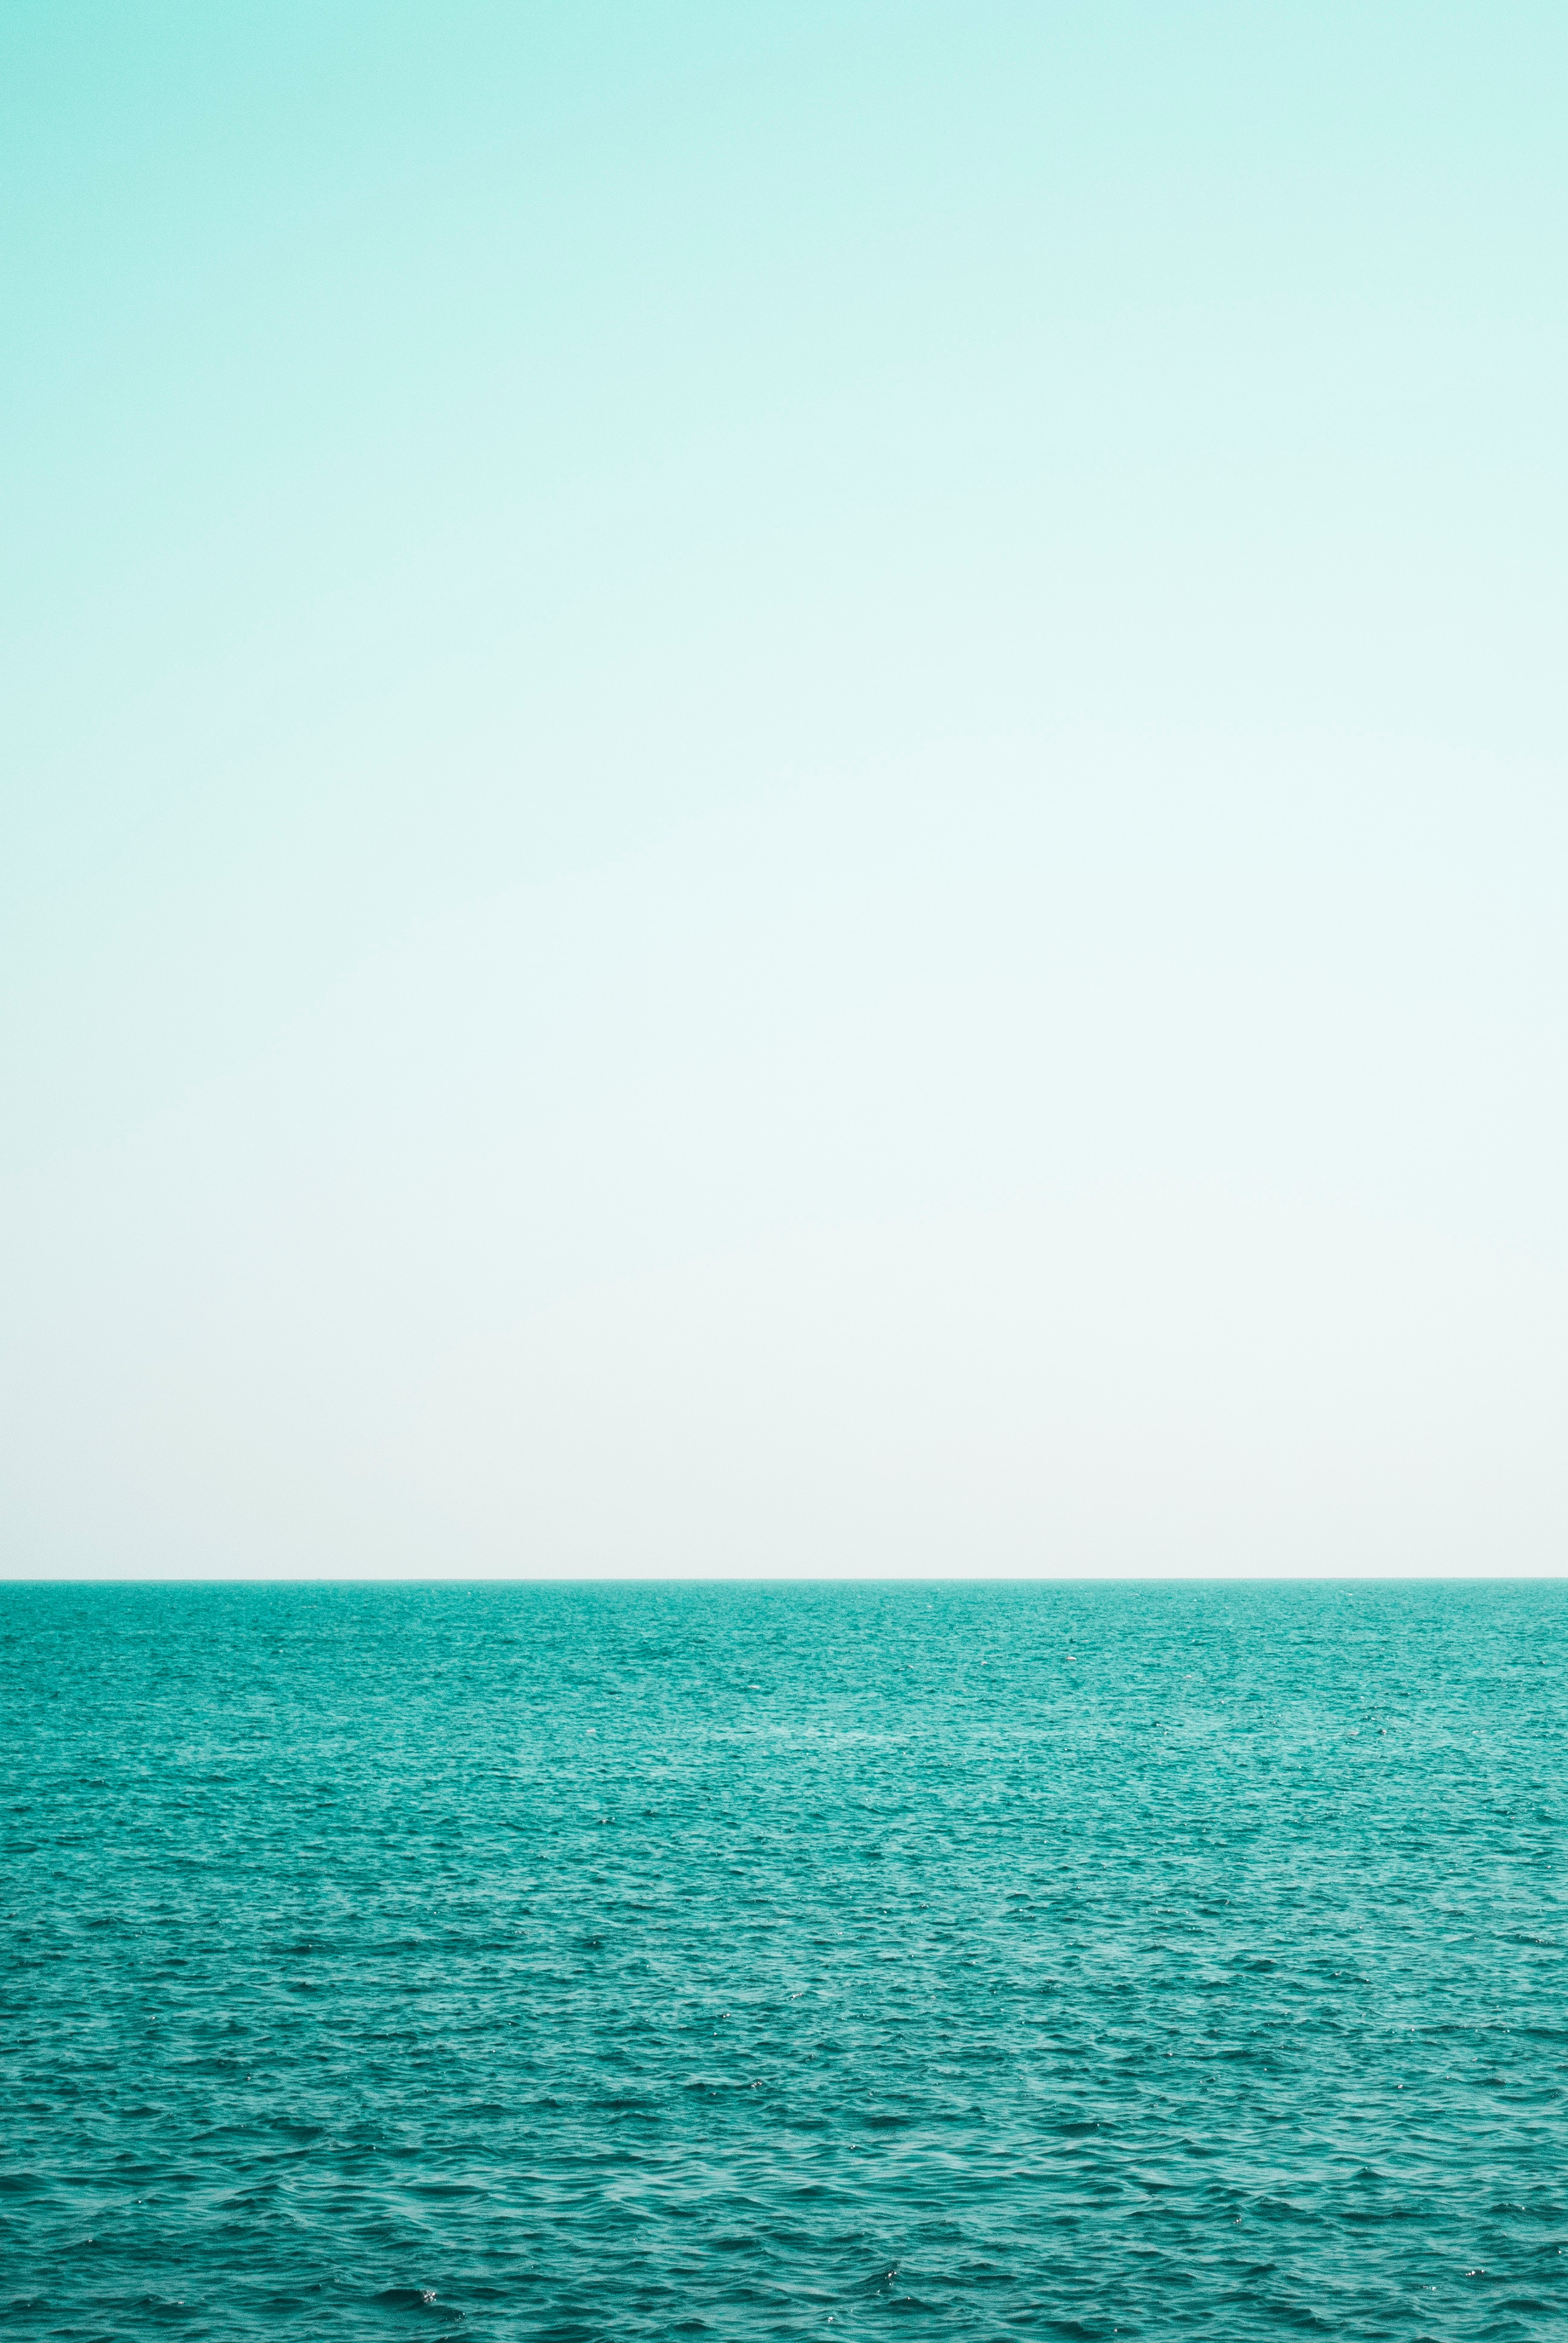 85650 Заставки и Обои Волны на телефон. Скачать Минимализм, Море, Небо, Горизонт, Вода, Волны картинки бесплатно